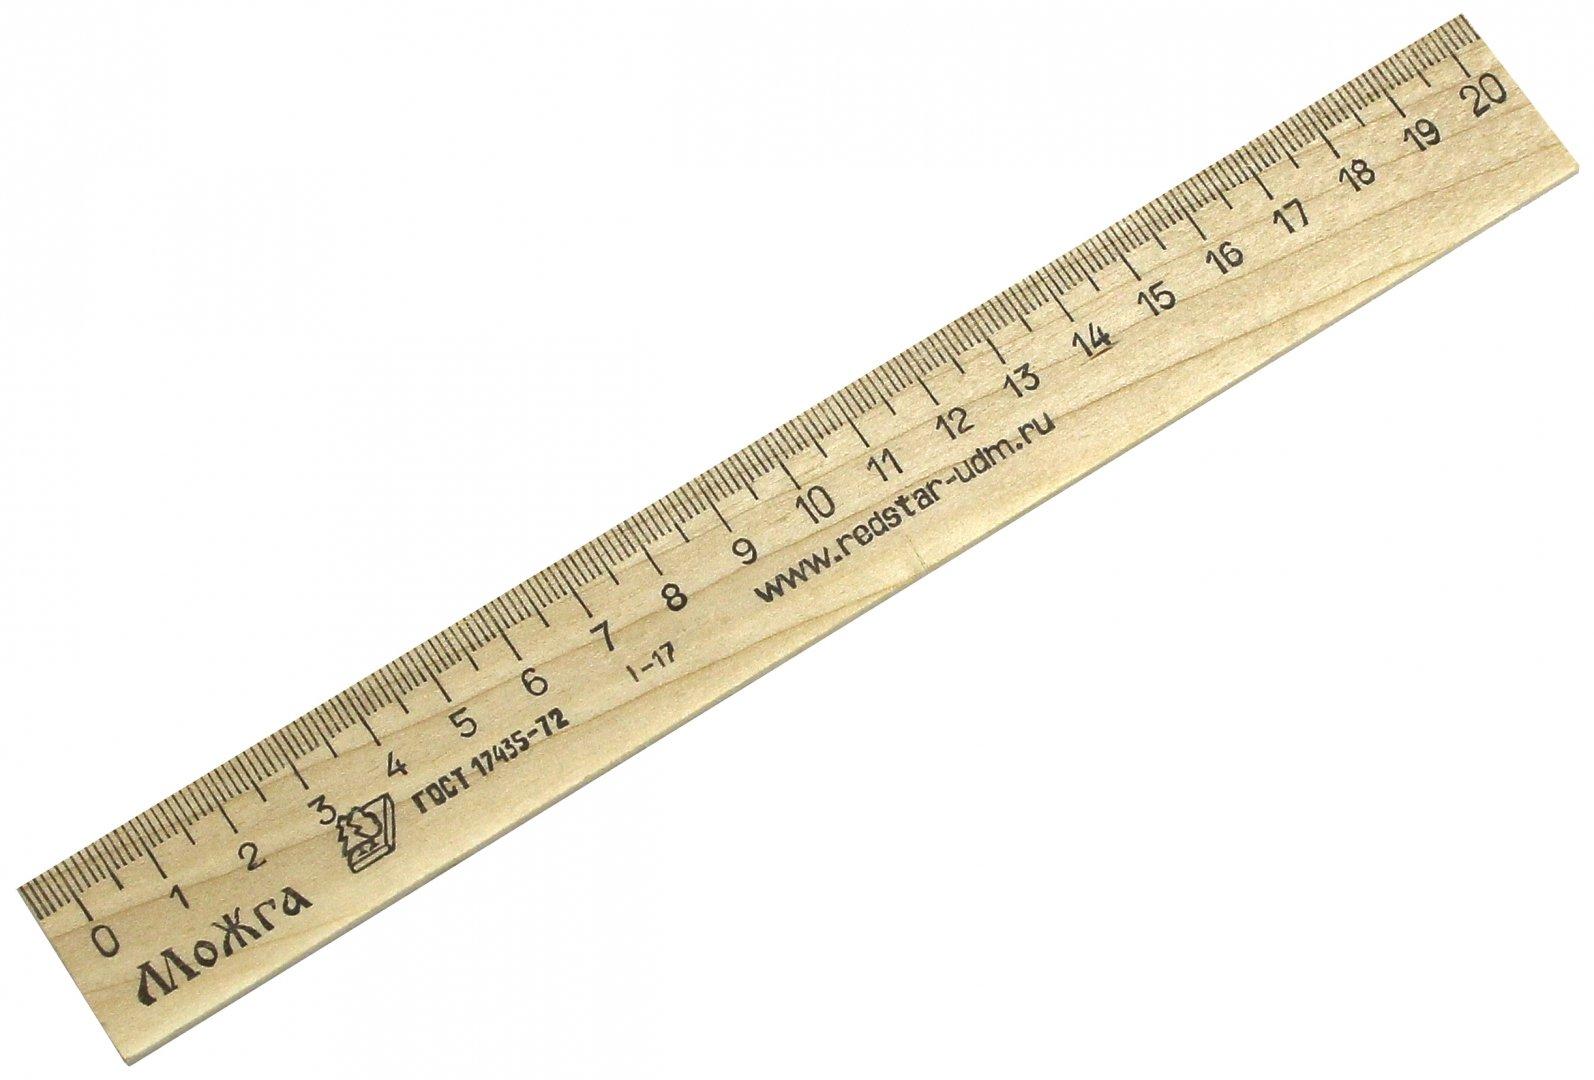 Иллюстрация 1 из 10 для Линейка деревянная, 20 см. (С05) | Лабиринт - канцтовы. Источник: Лабиринт